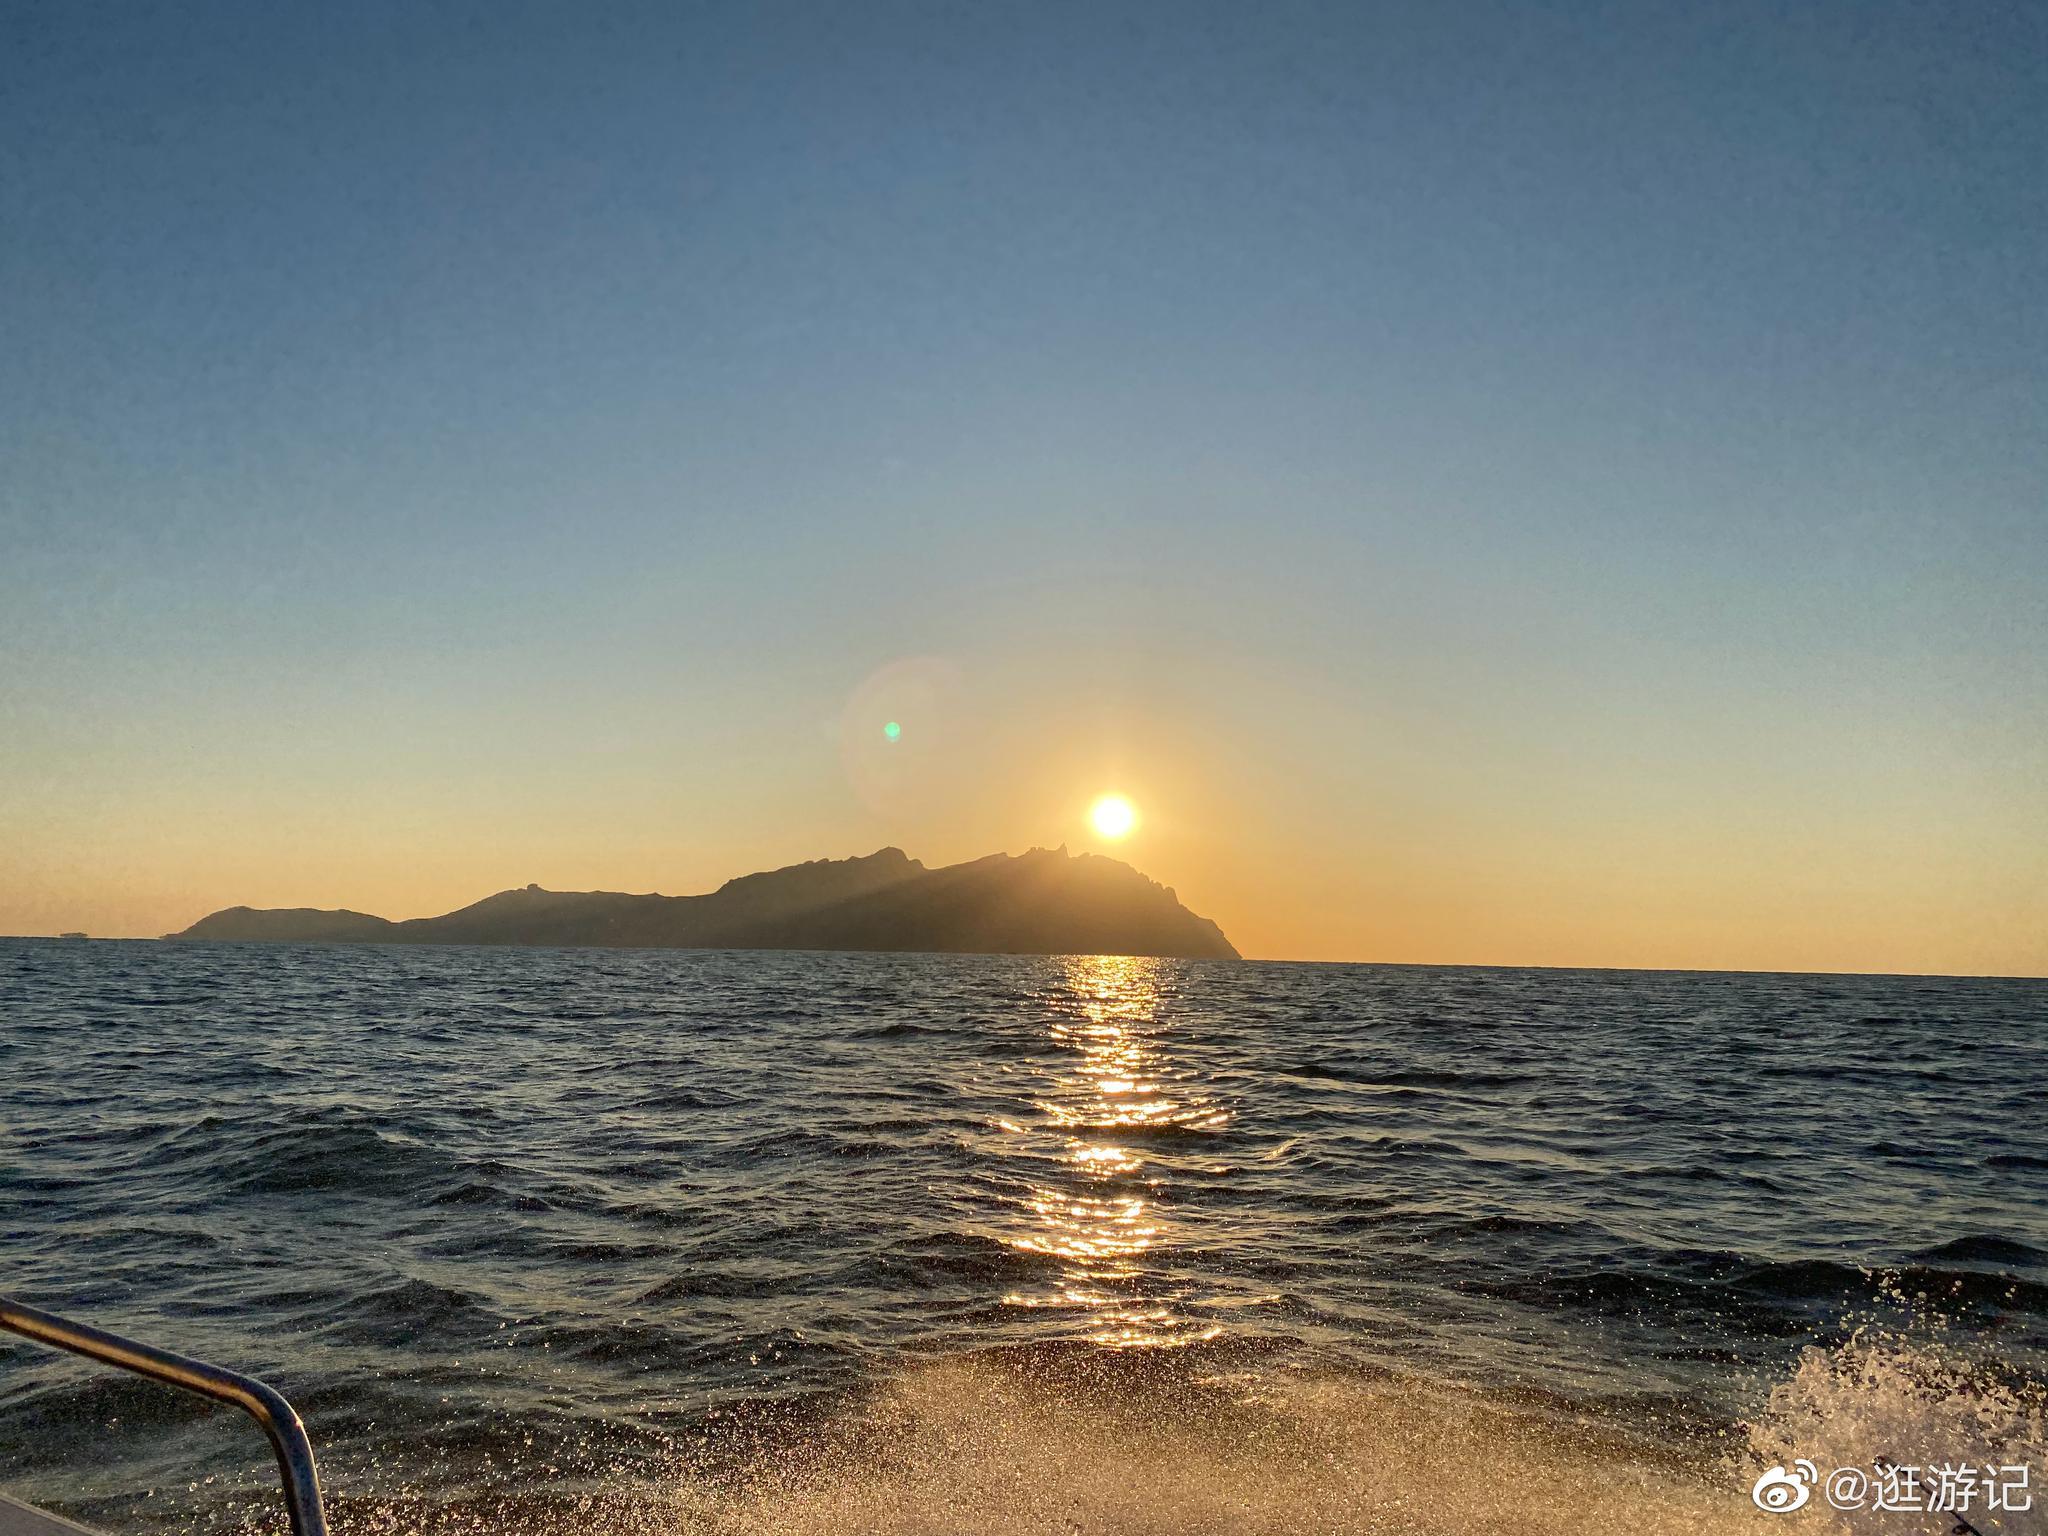 作为碧海蓝天白云的青岛,海钓和观光旅游的市场真的巨大